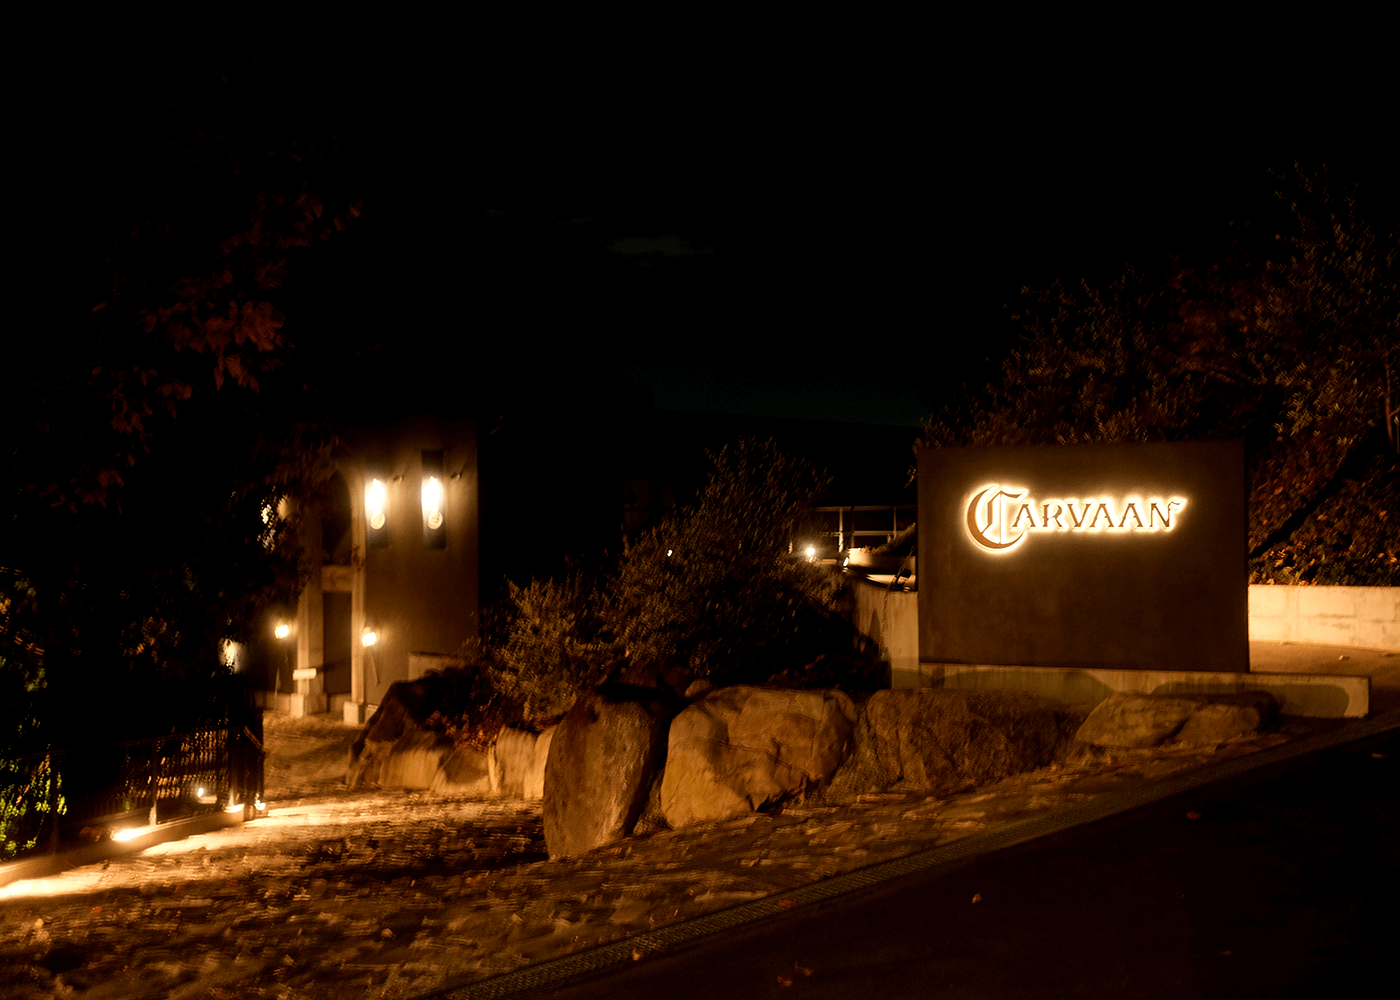 ブルワリー&レストラン CARVAAN(カールバーン)